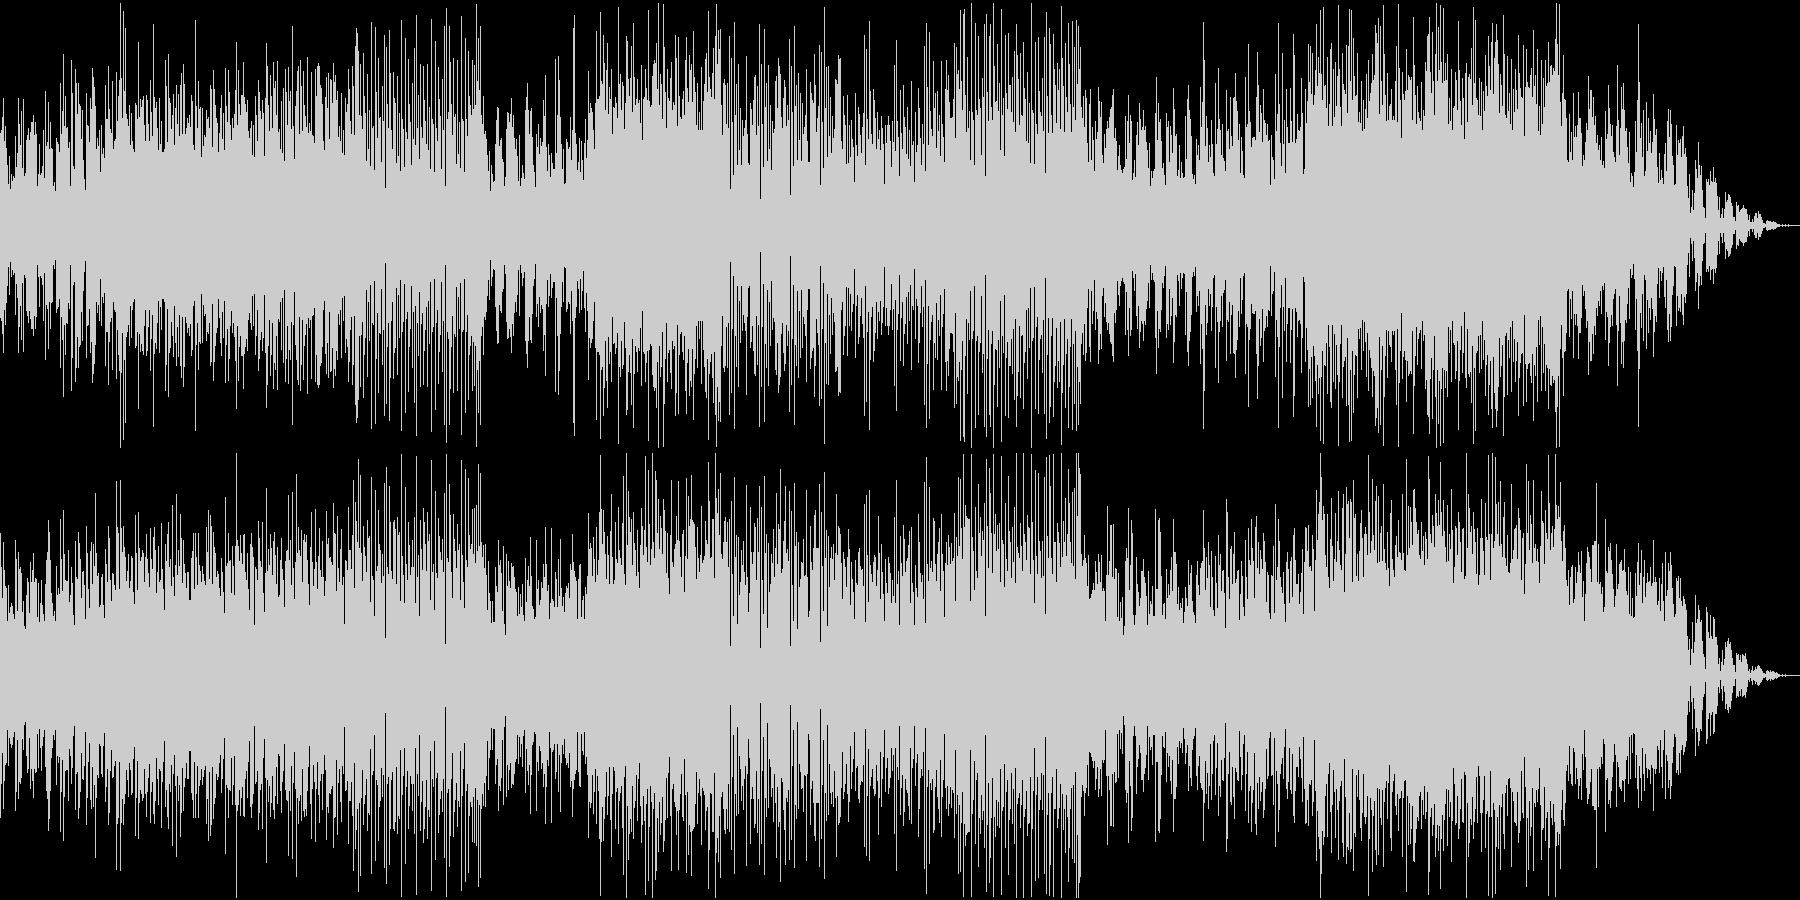 テクノ・ポップ 100BPMの未再生の波形